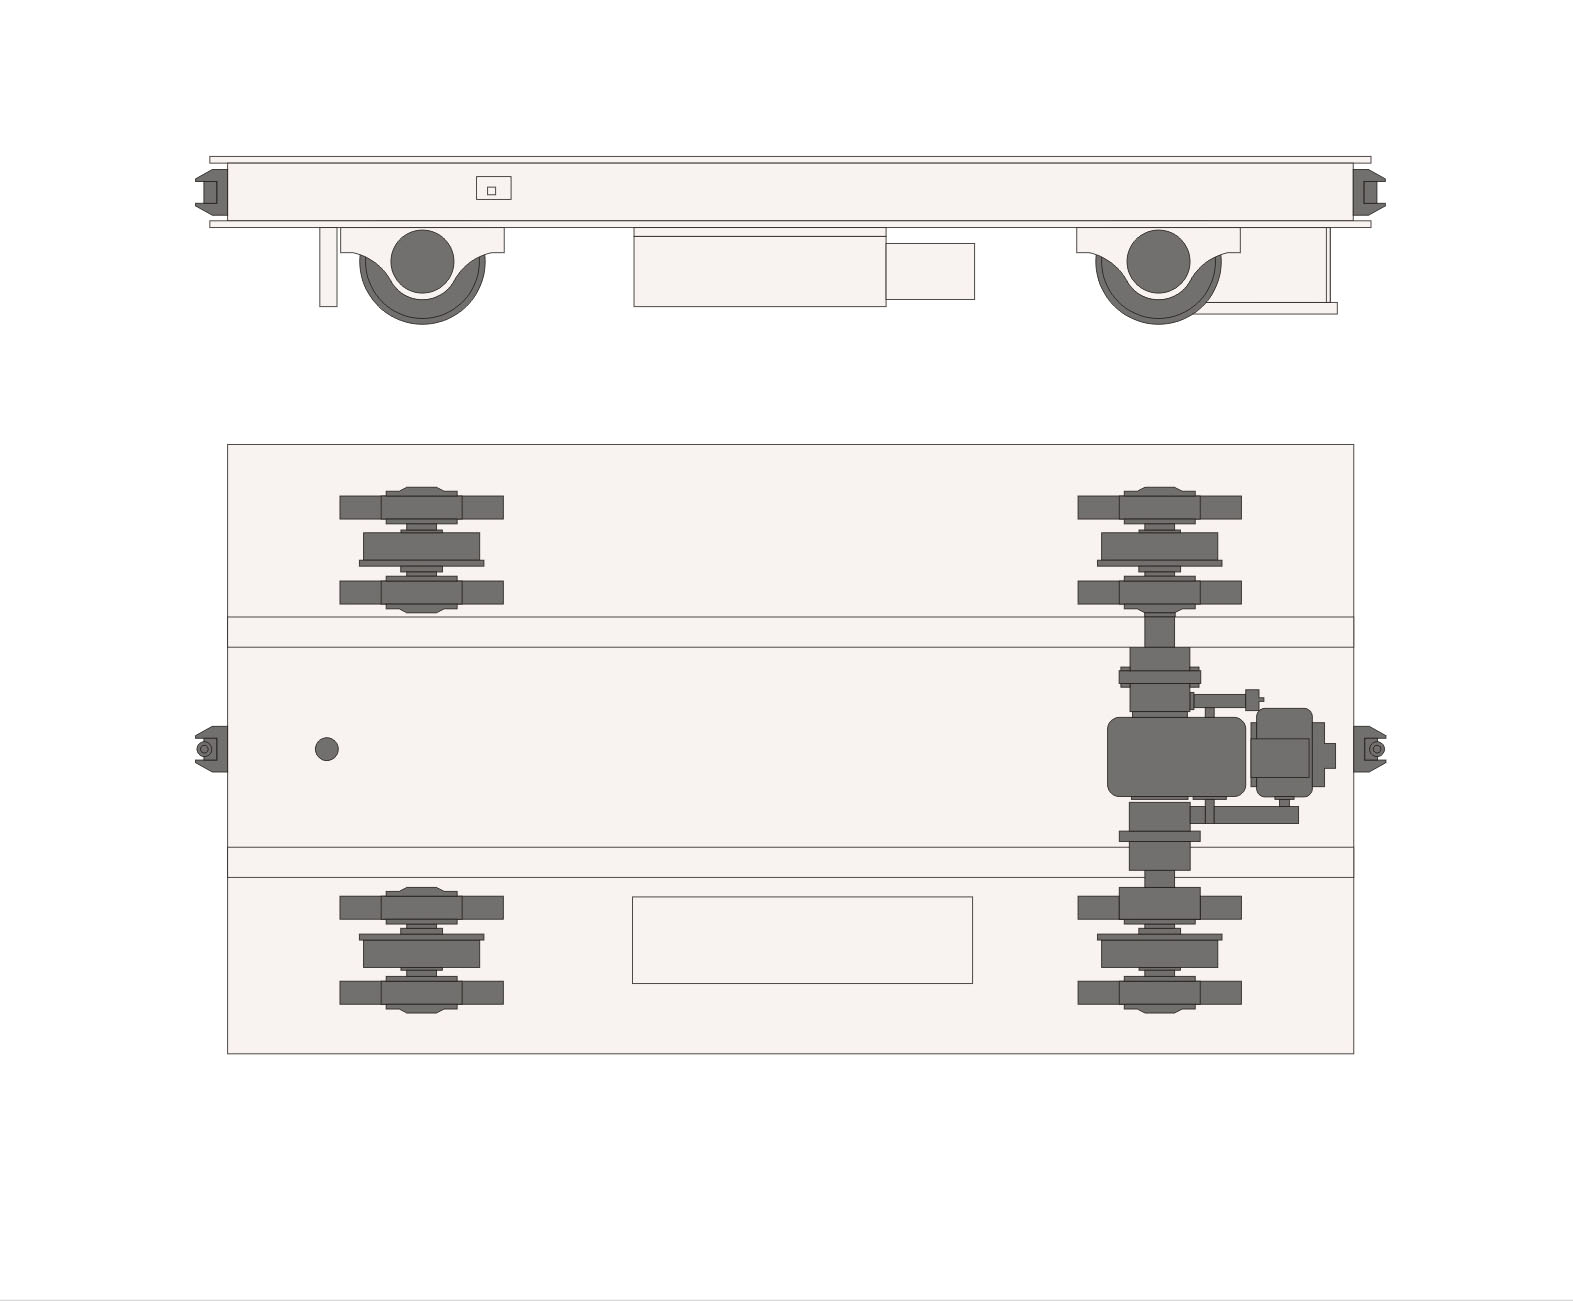 拖缆供电电动平车设计图.jpg